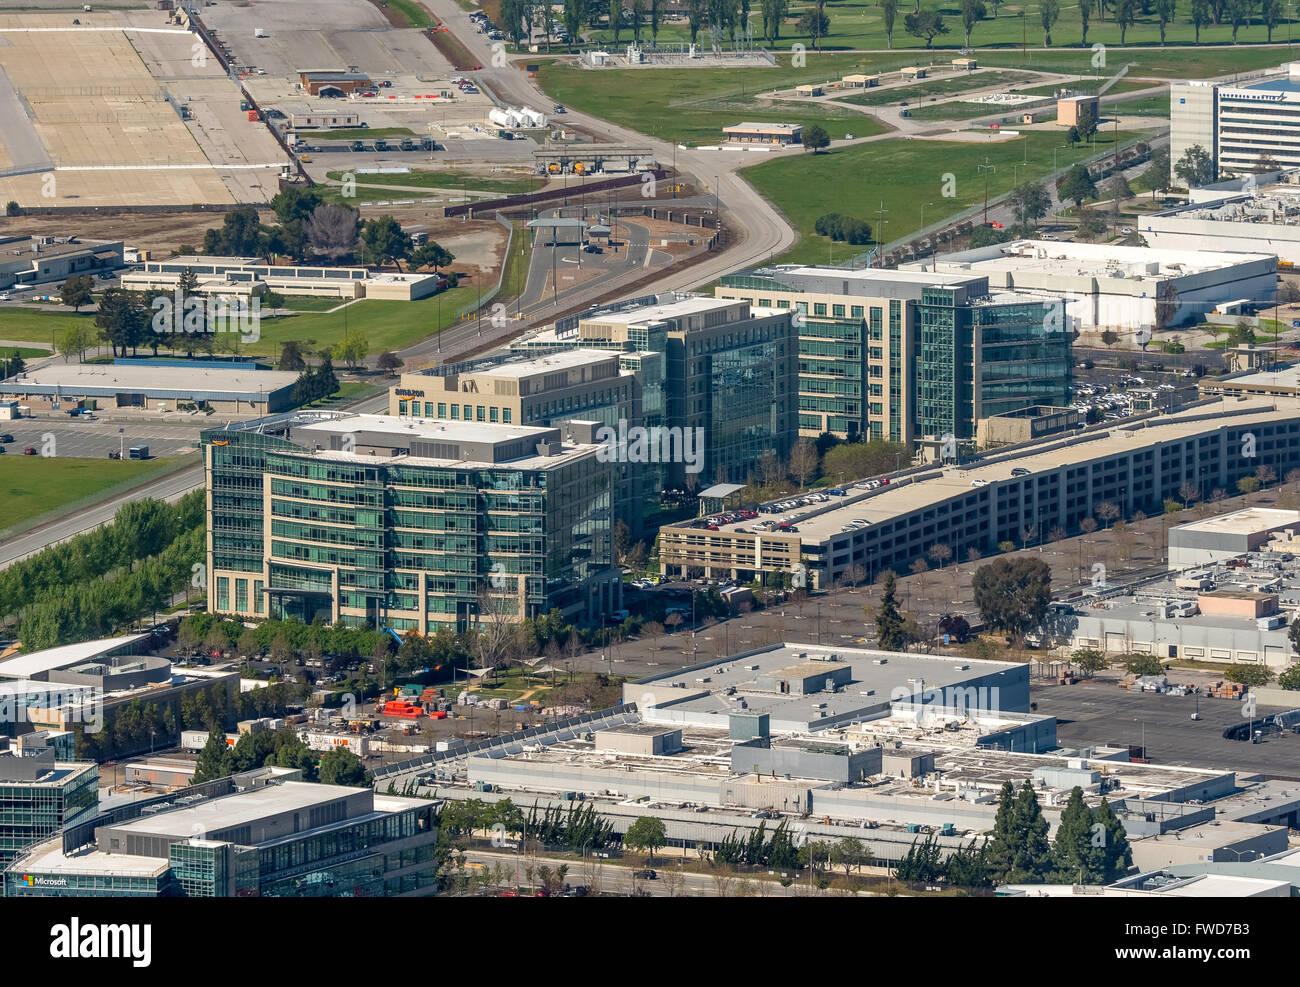 Google Tech corner, Motorola Verwaltung USA, , Silicon Valley, Kalifornien, Vereinigte Staaten von Amerika, Santa - Stock Image